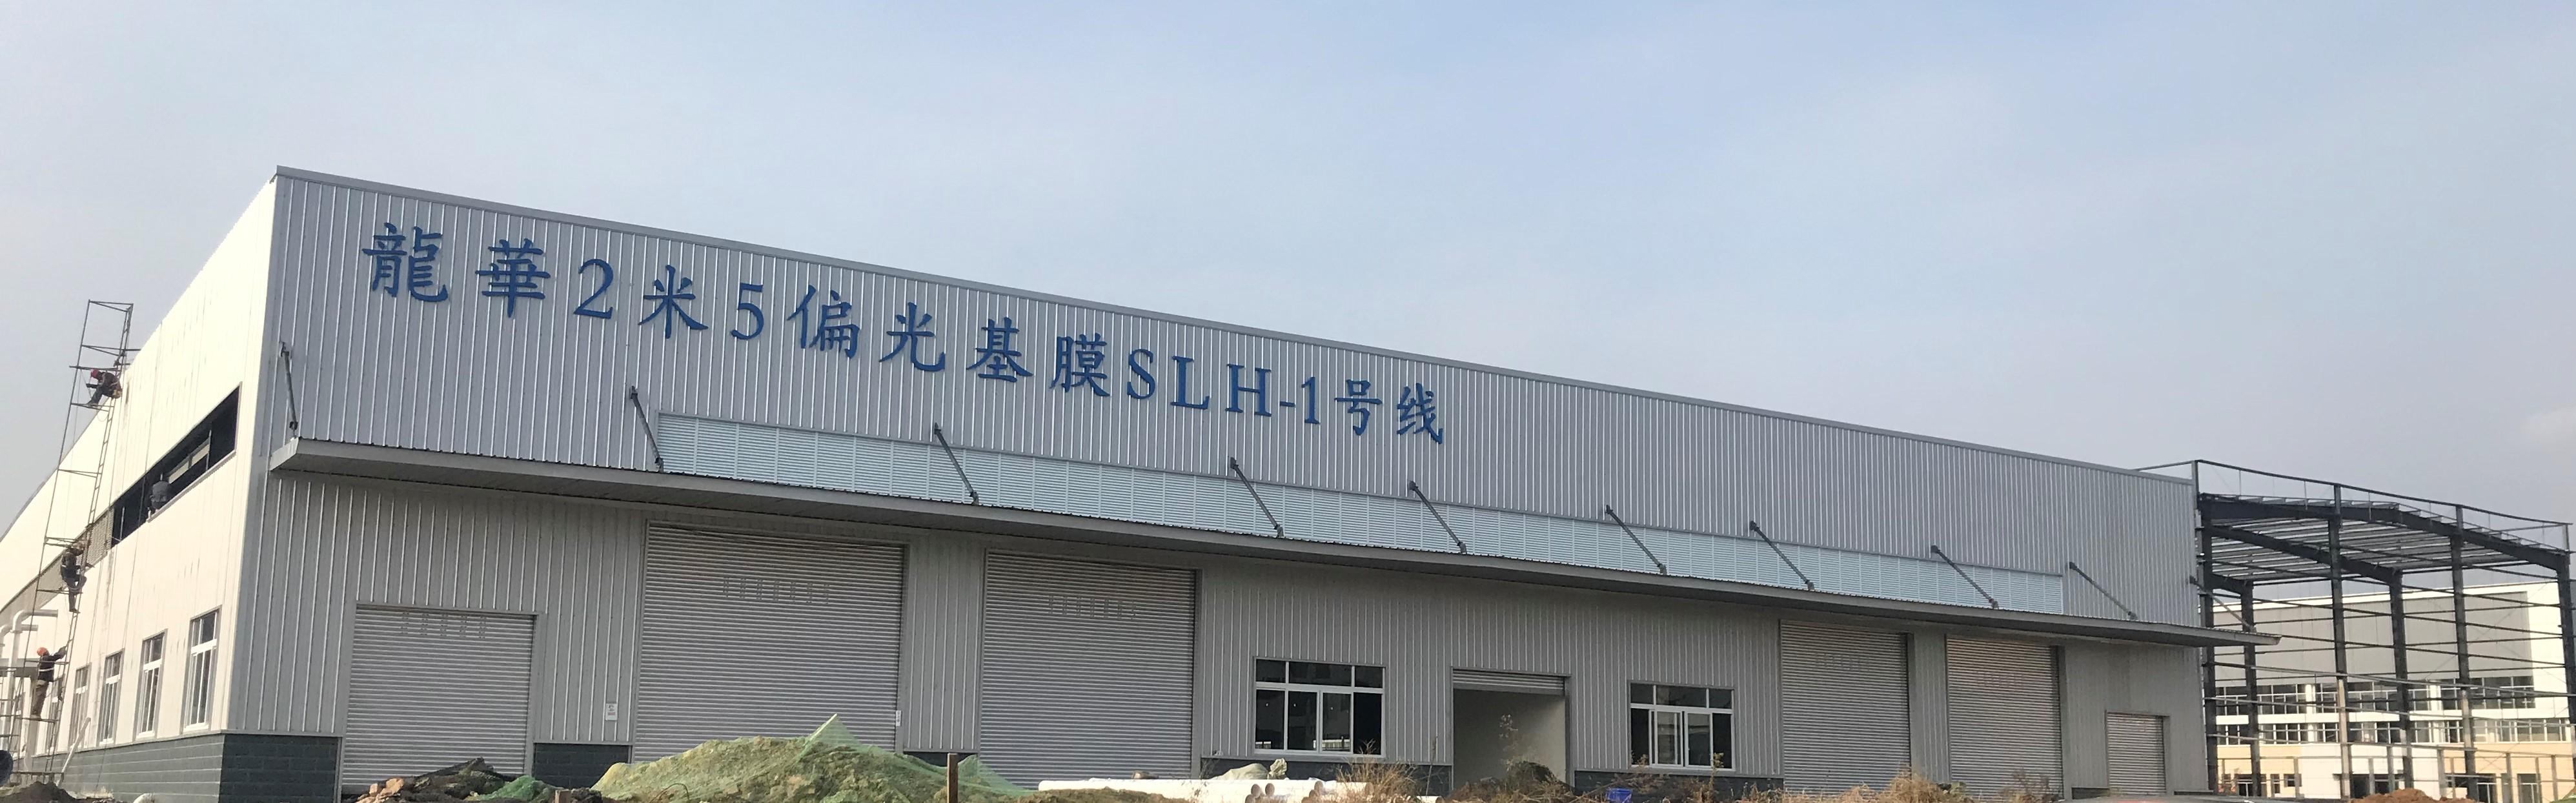 日东电工与龙华薄膜签署技术支援合同